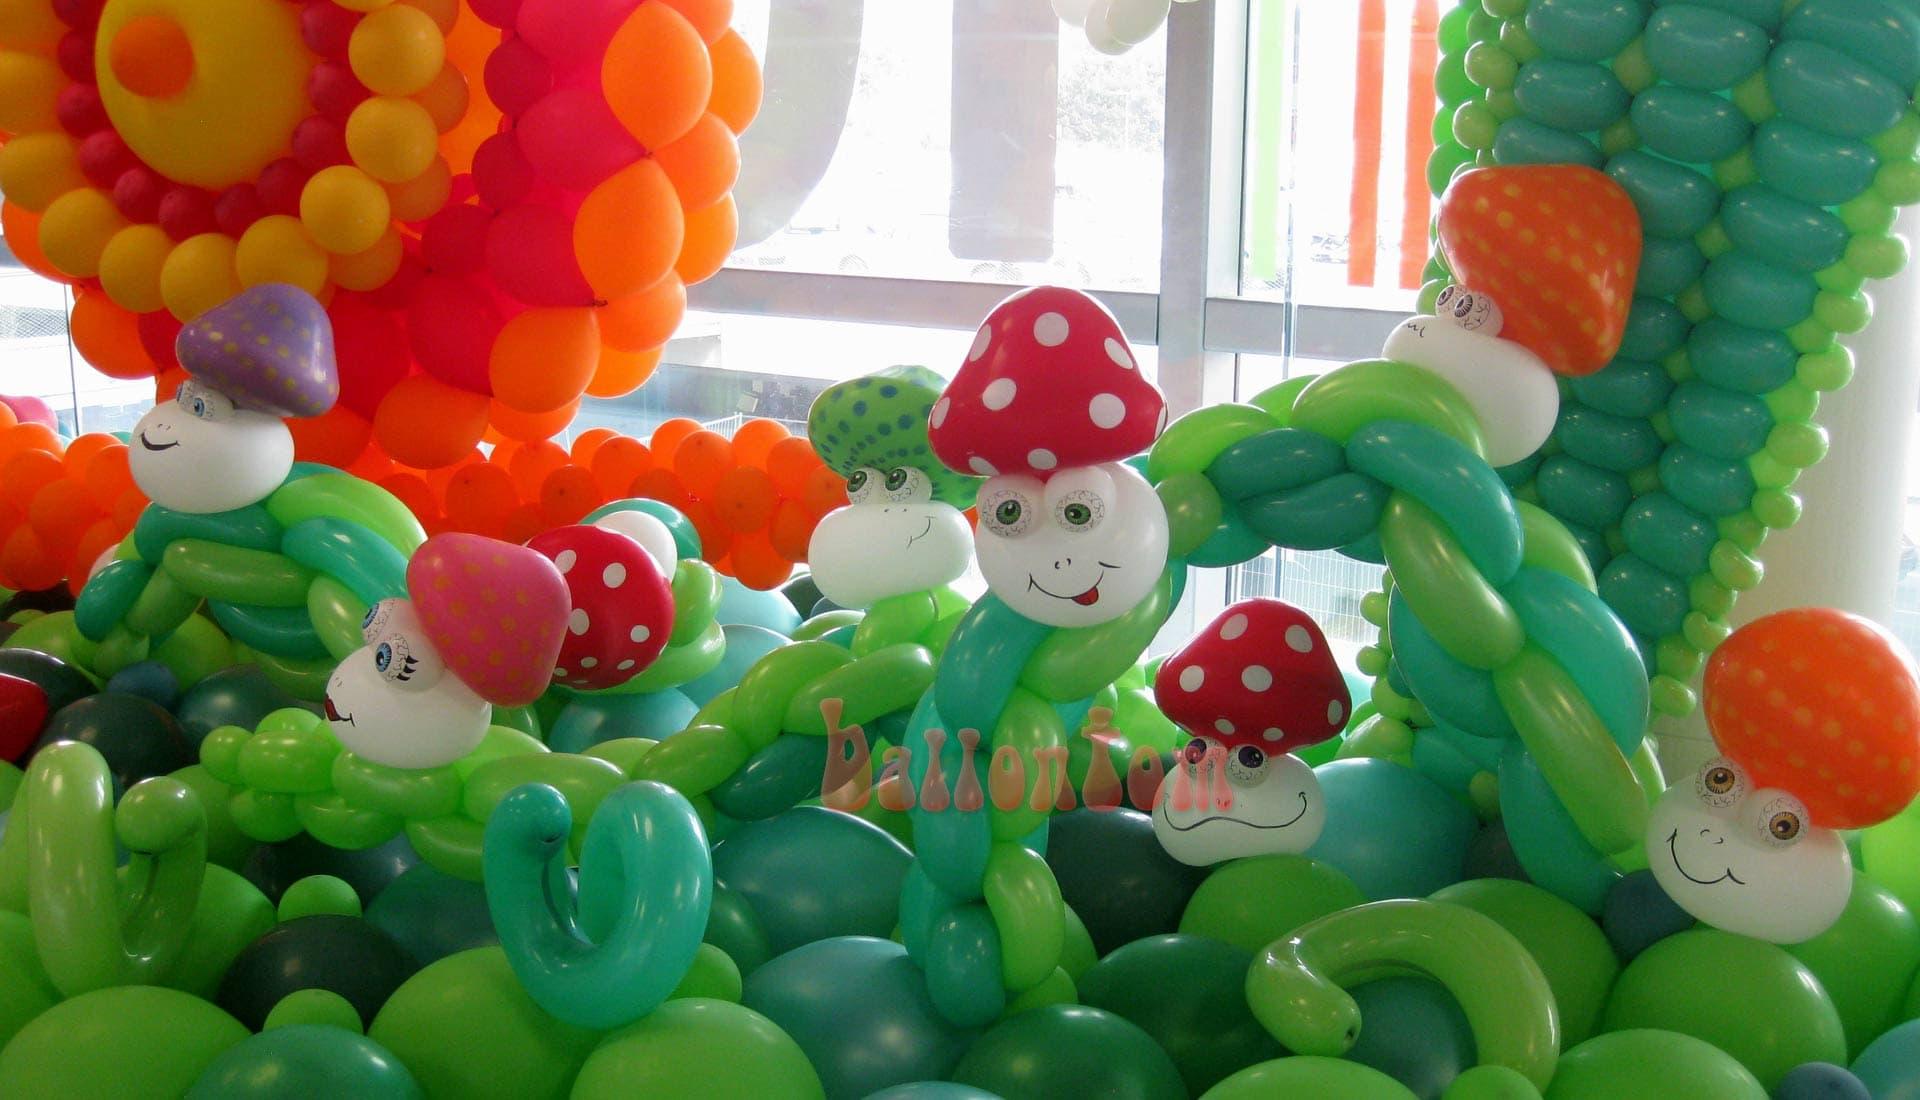 Ballonwelt Lausanne - Schweiz - Pilze - Projekt: Canniballoon Team Didier Dvorak - Unterstützt durch ballontom